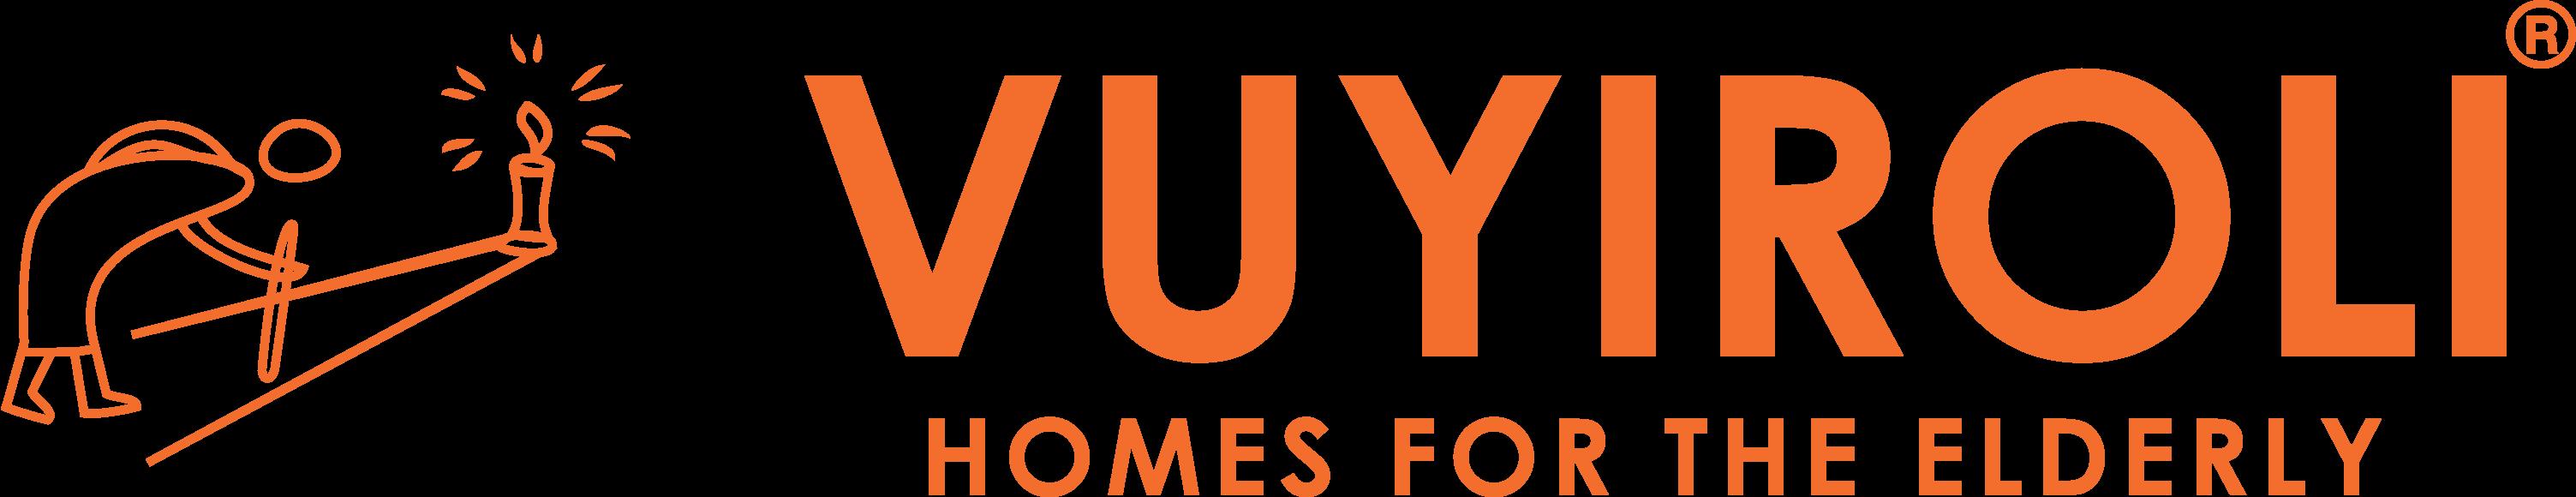 Vuyiroli — Homes for the Elderly